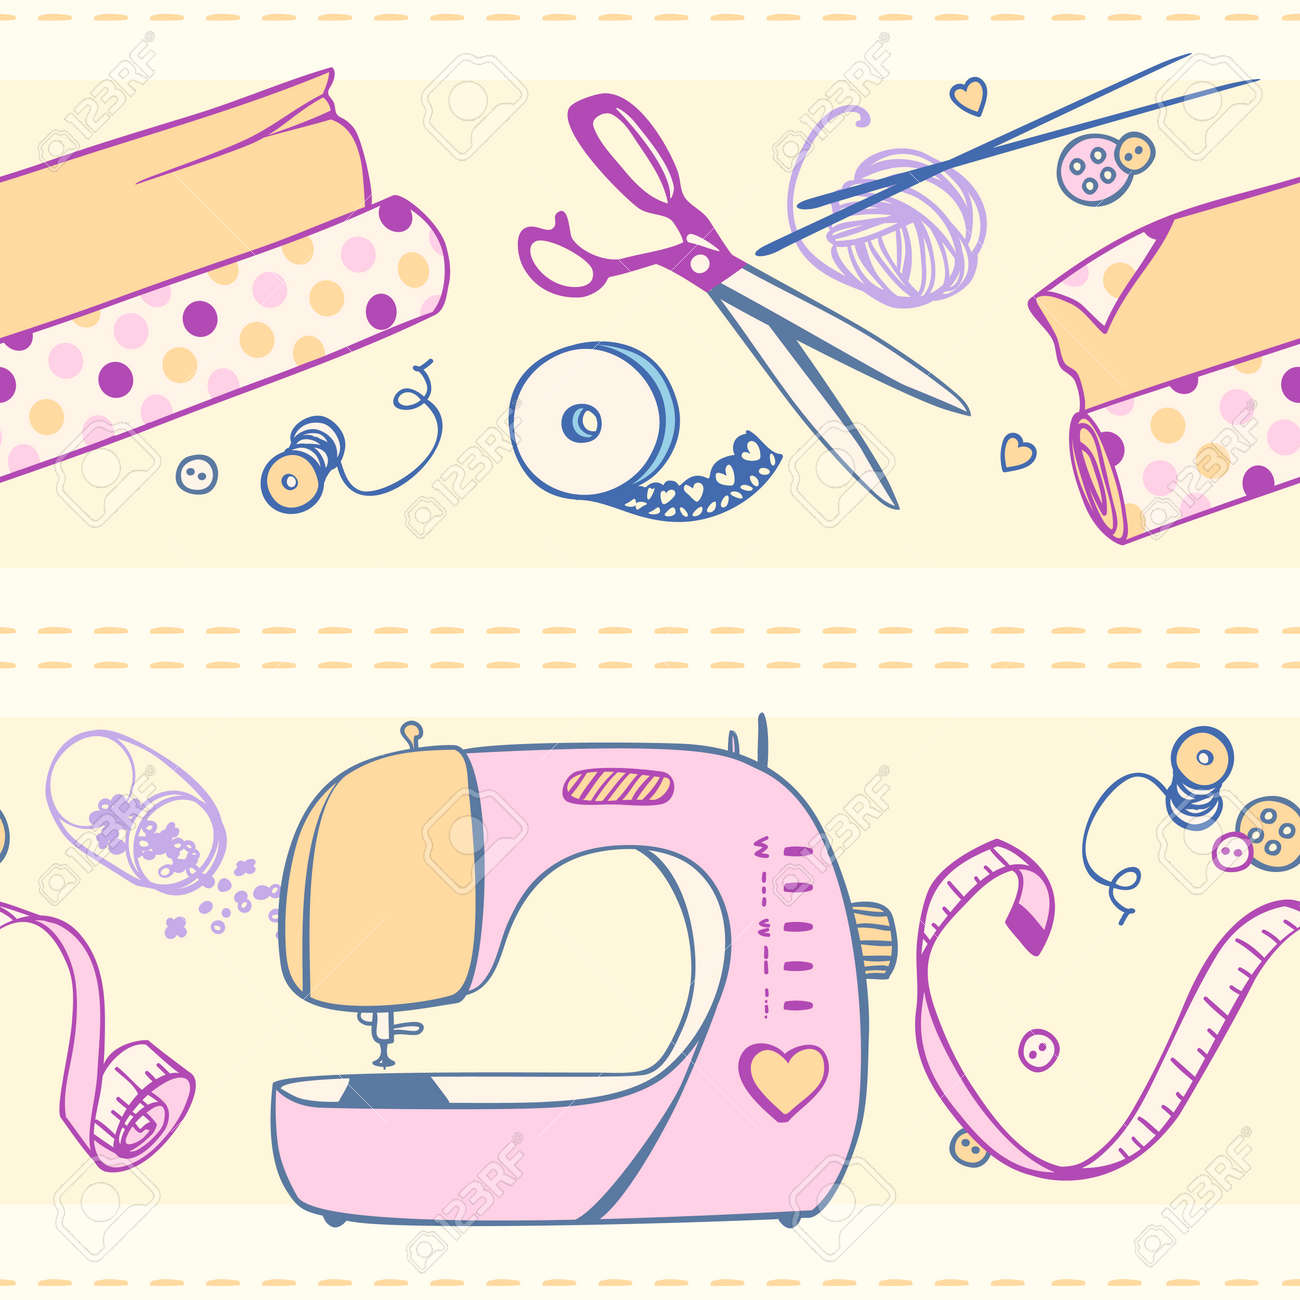 手芸とクラフトの項目のシームレス パターンのイラスト素材ベクタ